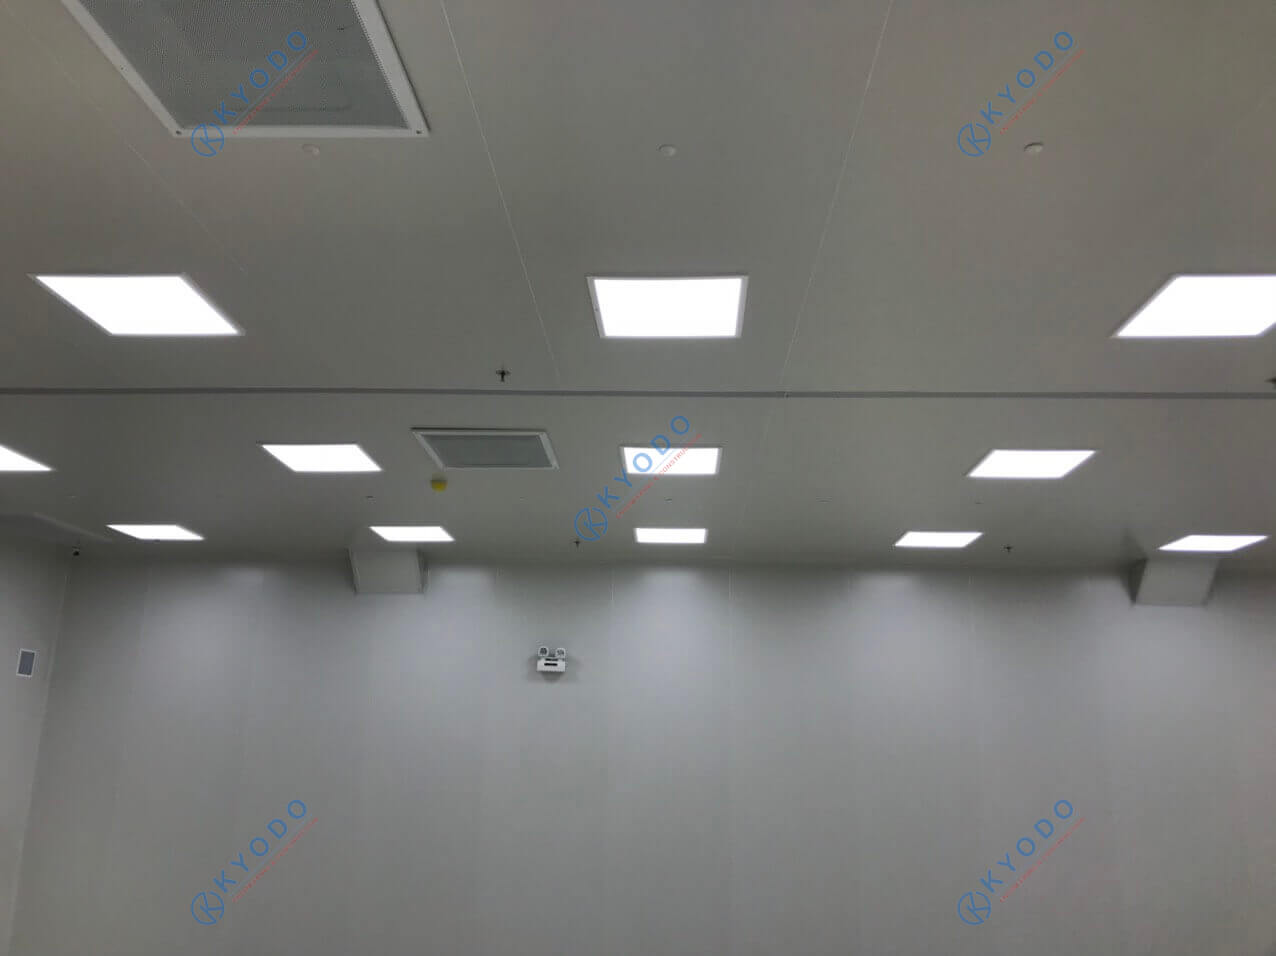 hệ thống đèn chiếu phòng sạch công nghiệp - light clean room